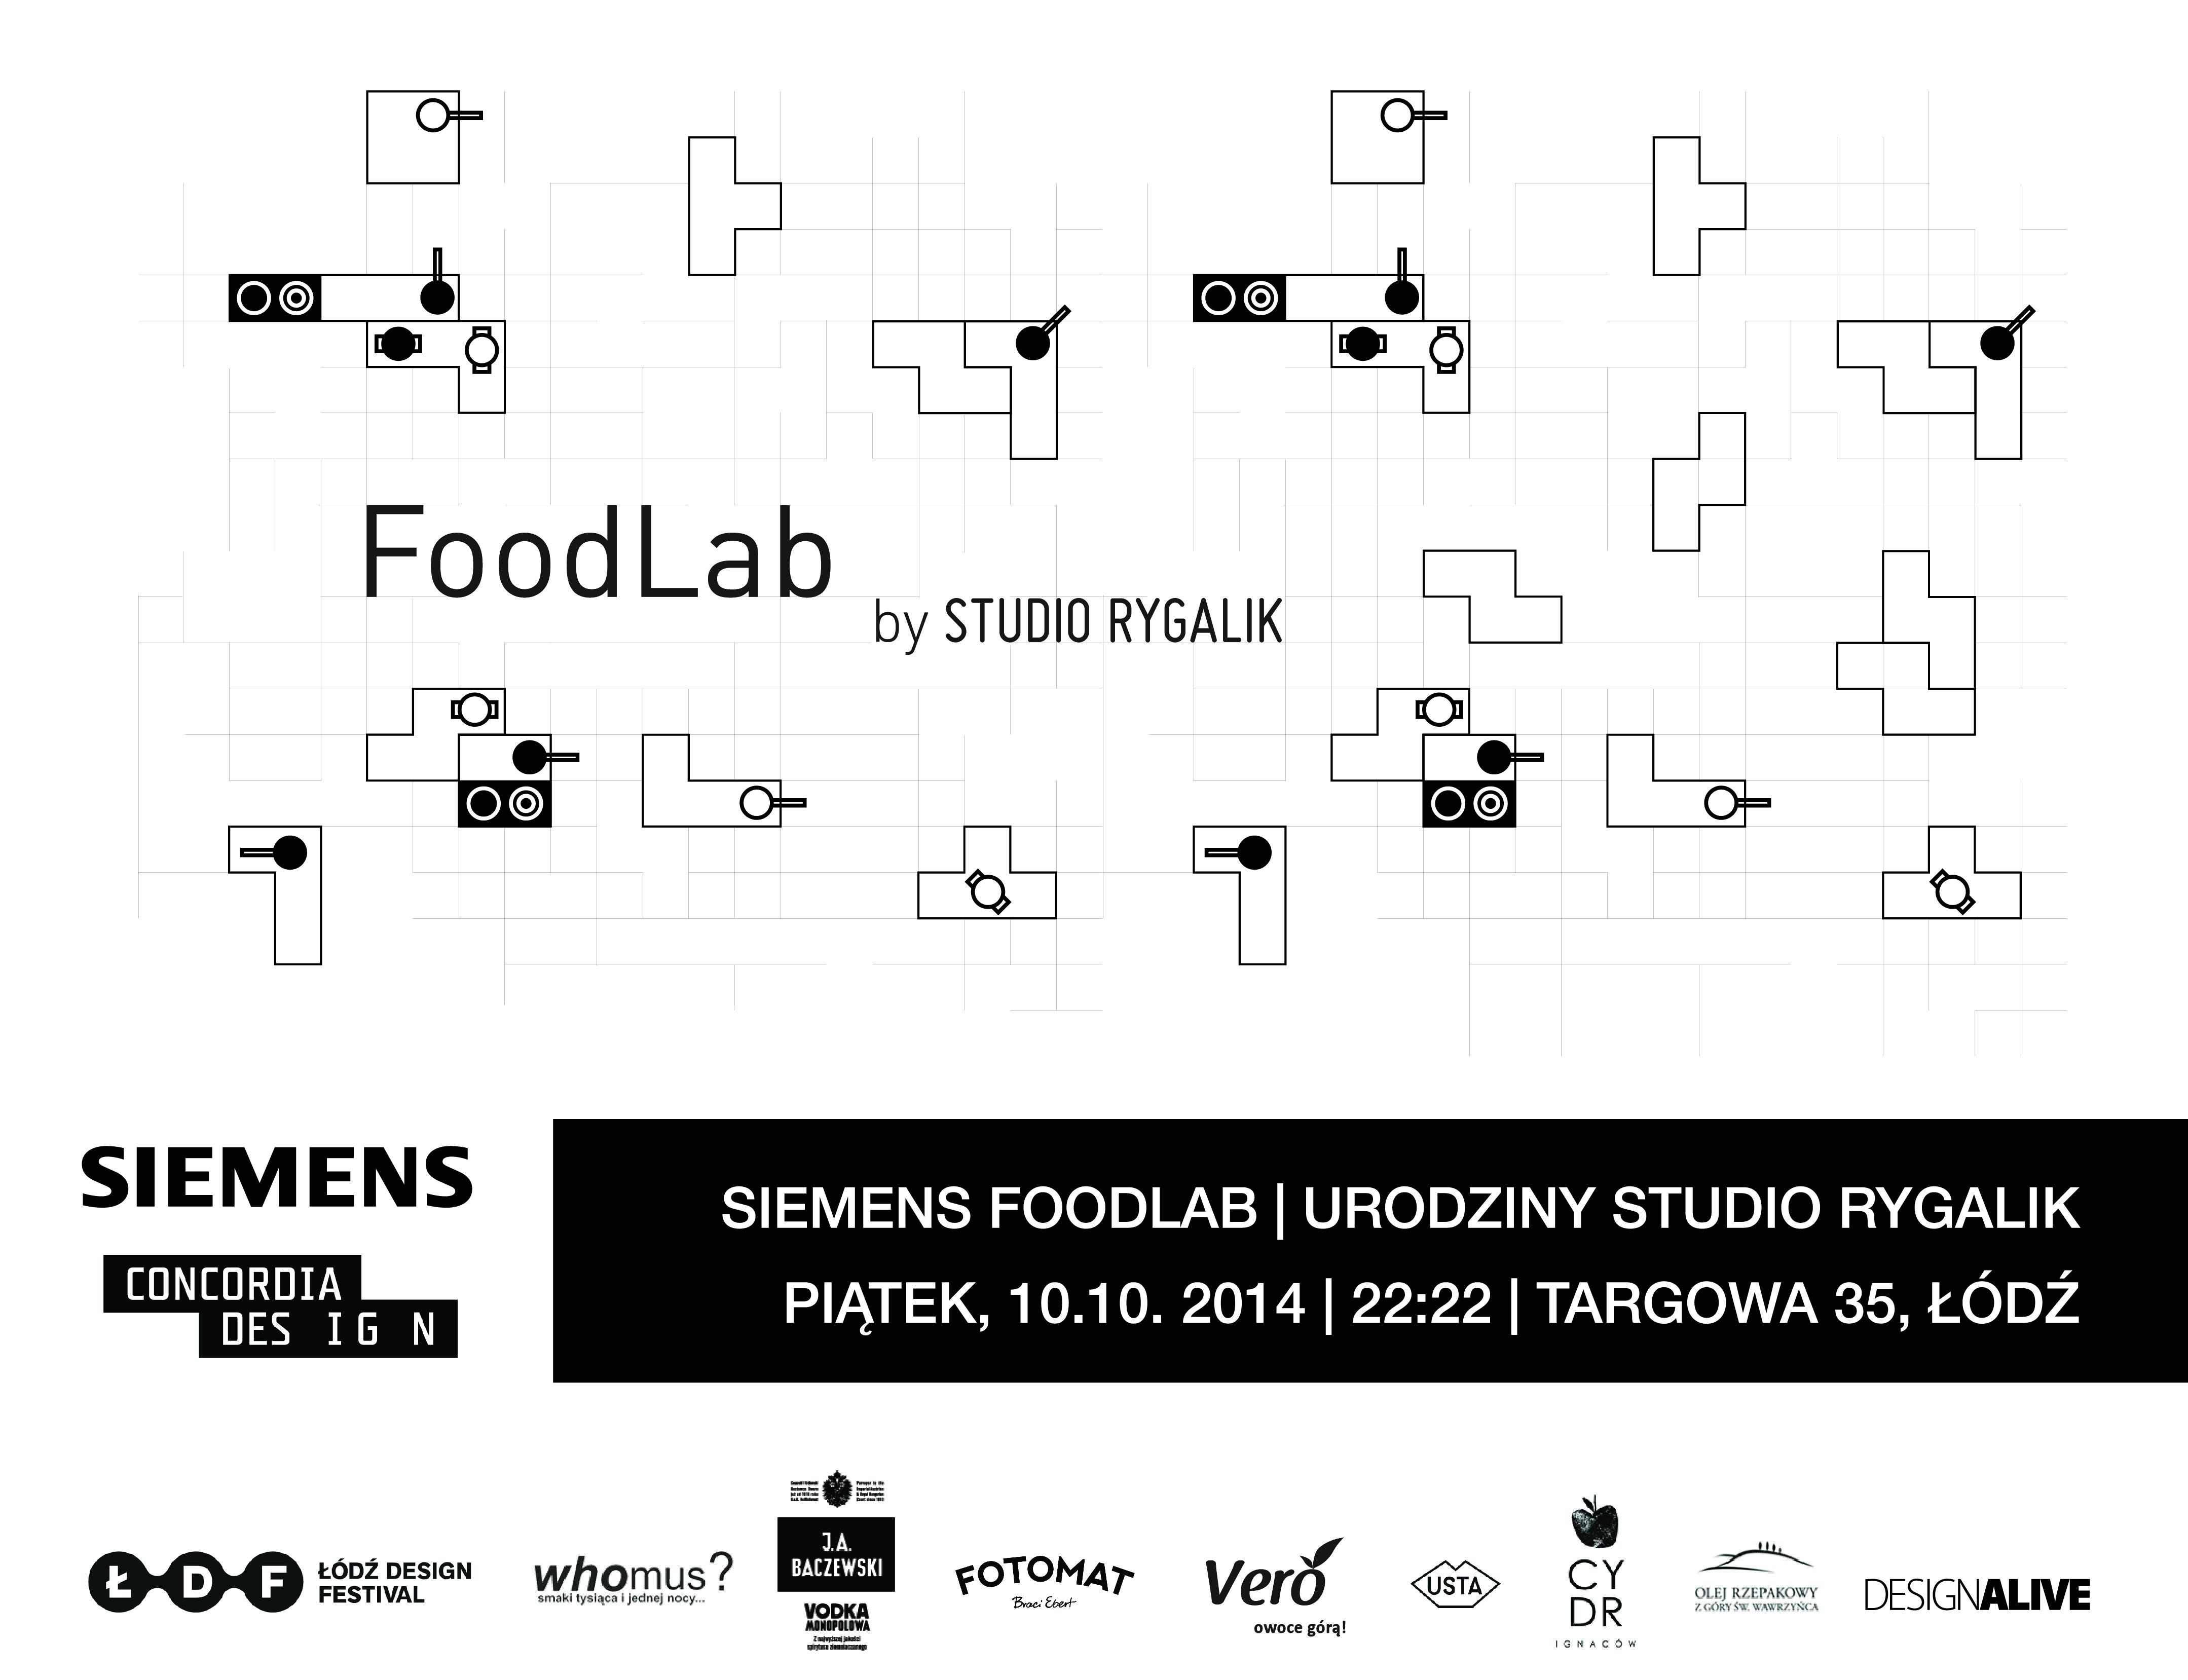 Siemens FoodLab_Urodziny SR_zapro